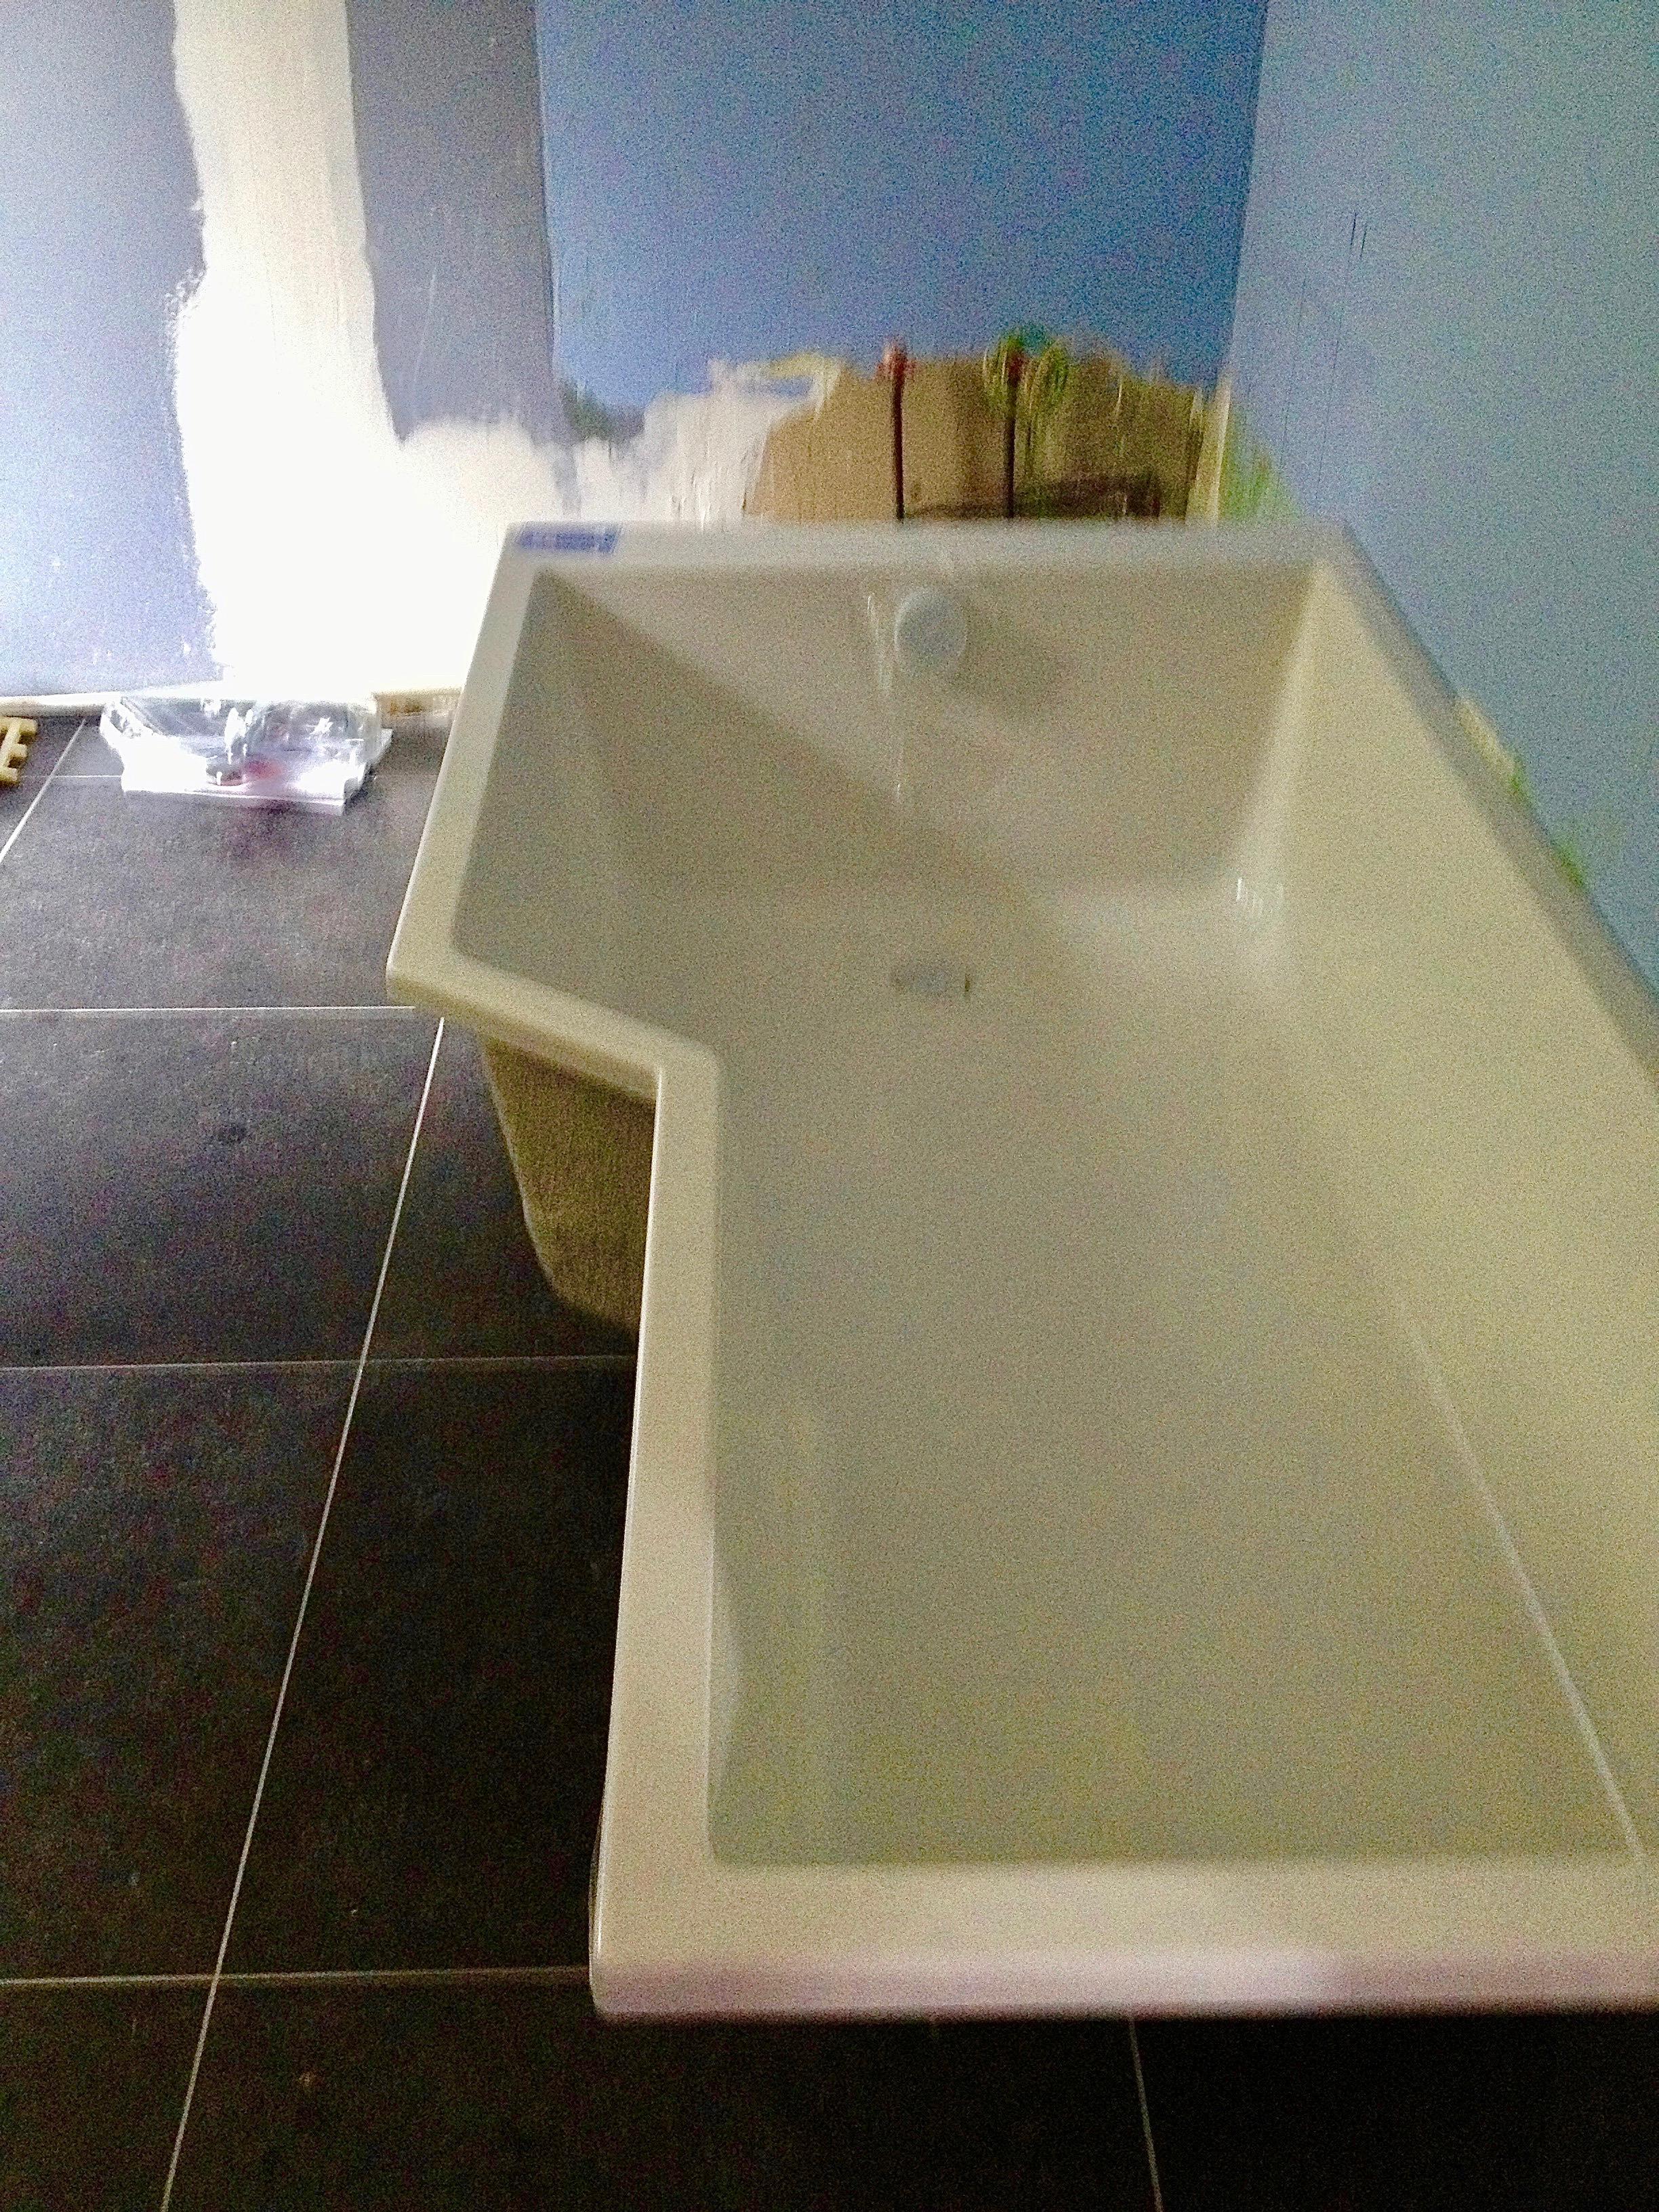 Nouvelle Salle De Bain 2018 blog-habiter-salle-de-bain-nouvelle-baignoire - plus au nord